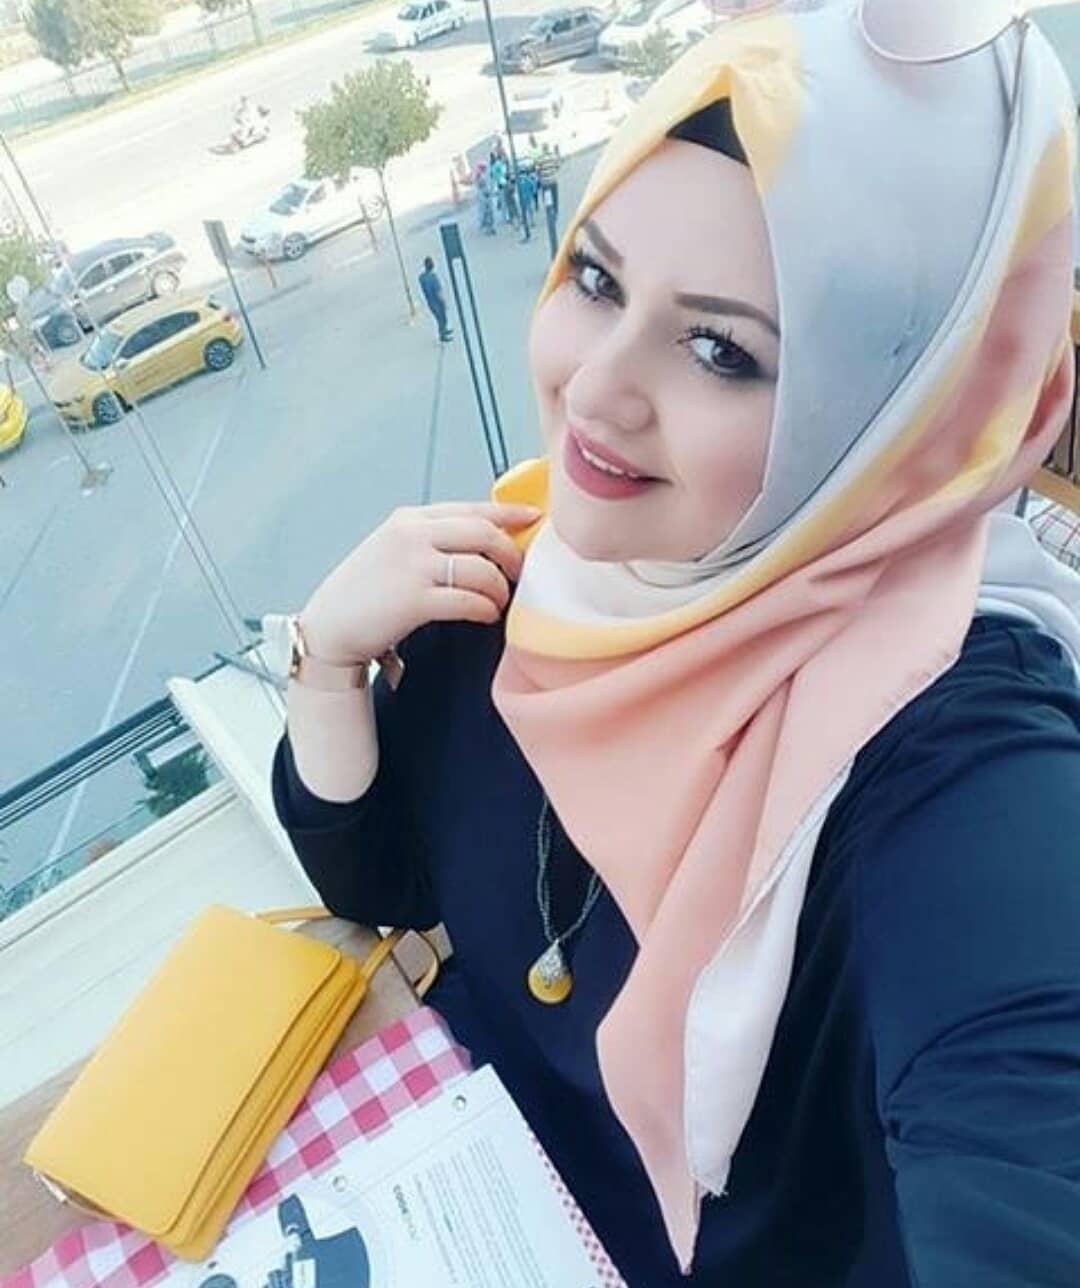 اجمل بنات محجبات فى العالم صور روعة لبنات محجبات كارز